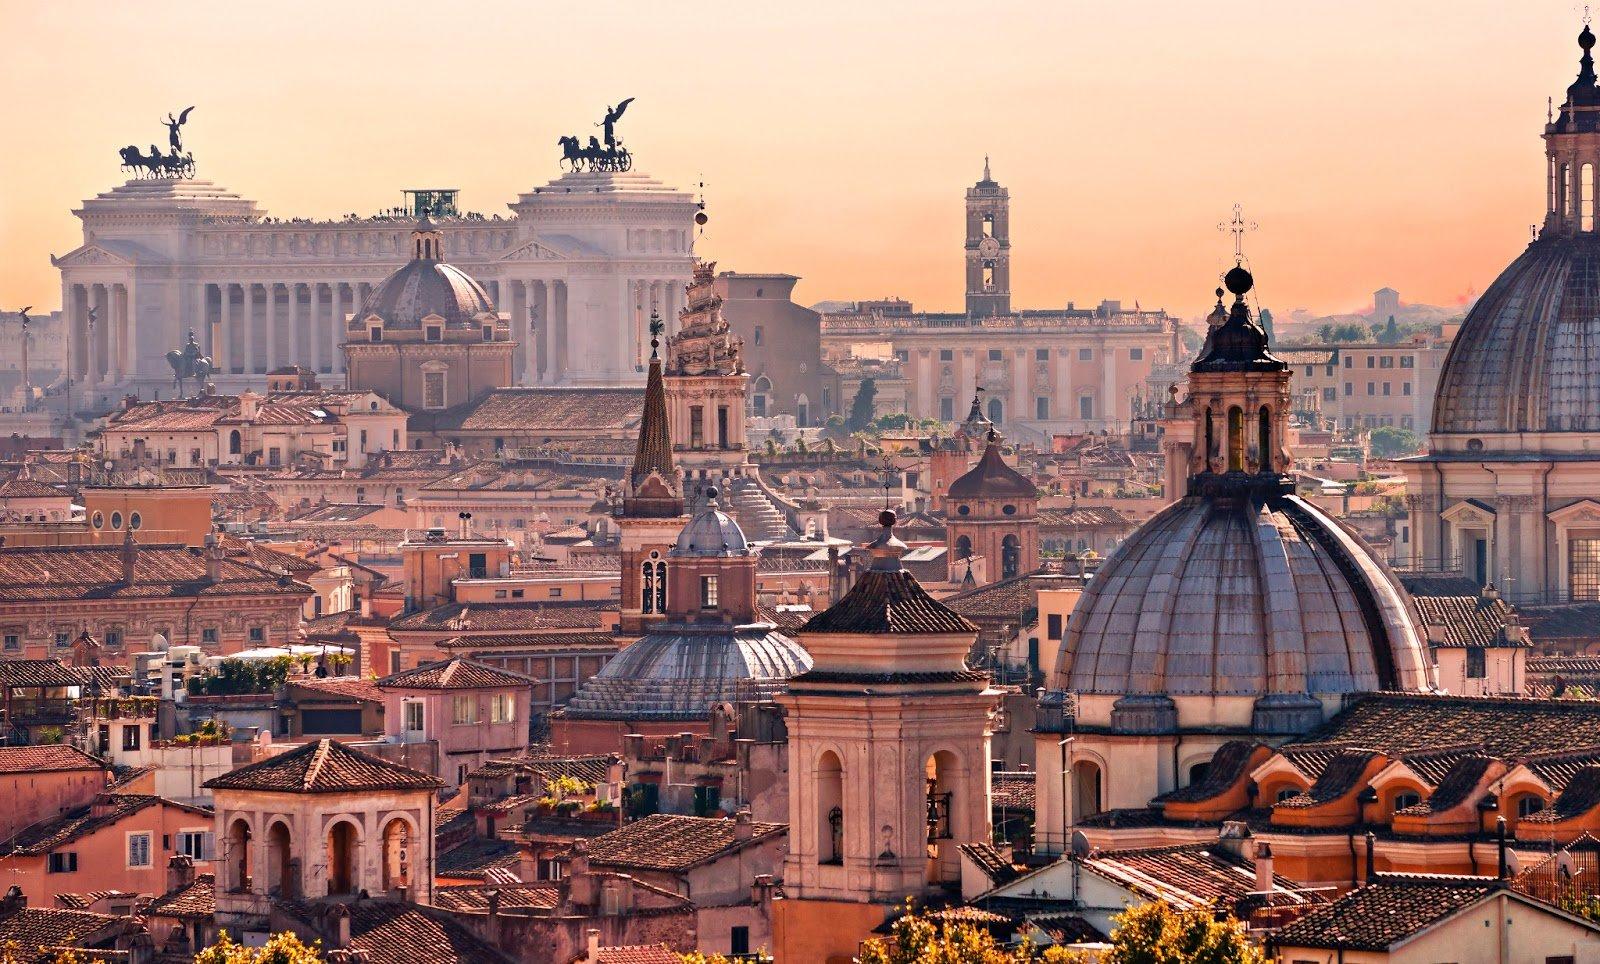 Olaszország 2020 - Róma városlátogatás - 3*-os szállodák, Róma